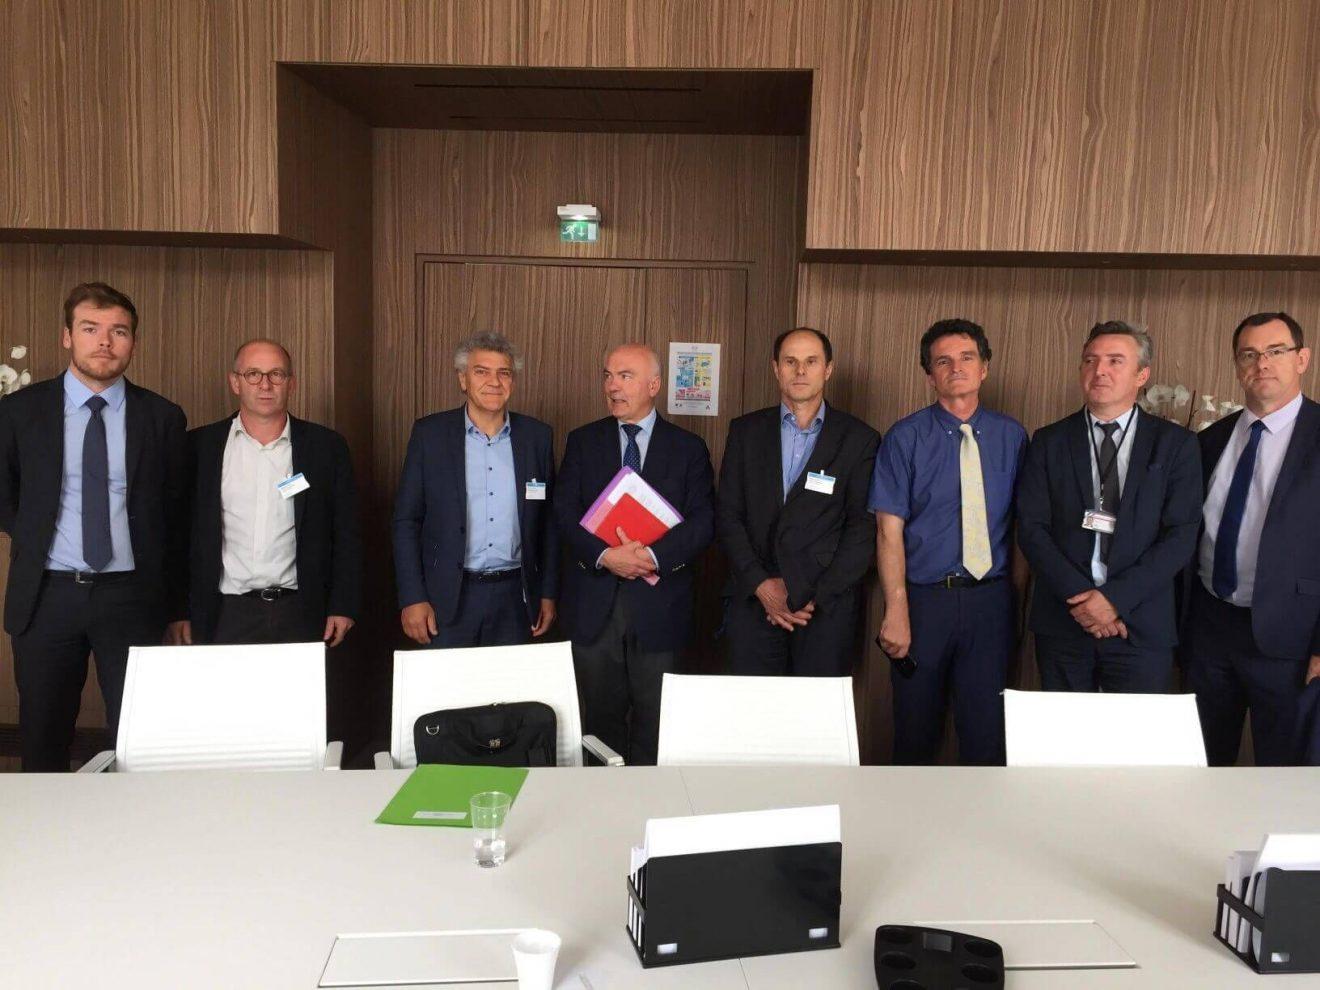 Rencontre avec le Medef Bretagne sur l'Ecotaxe